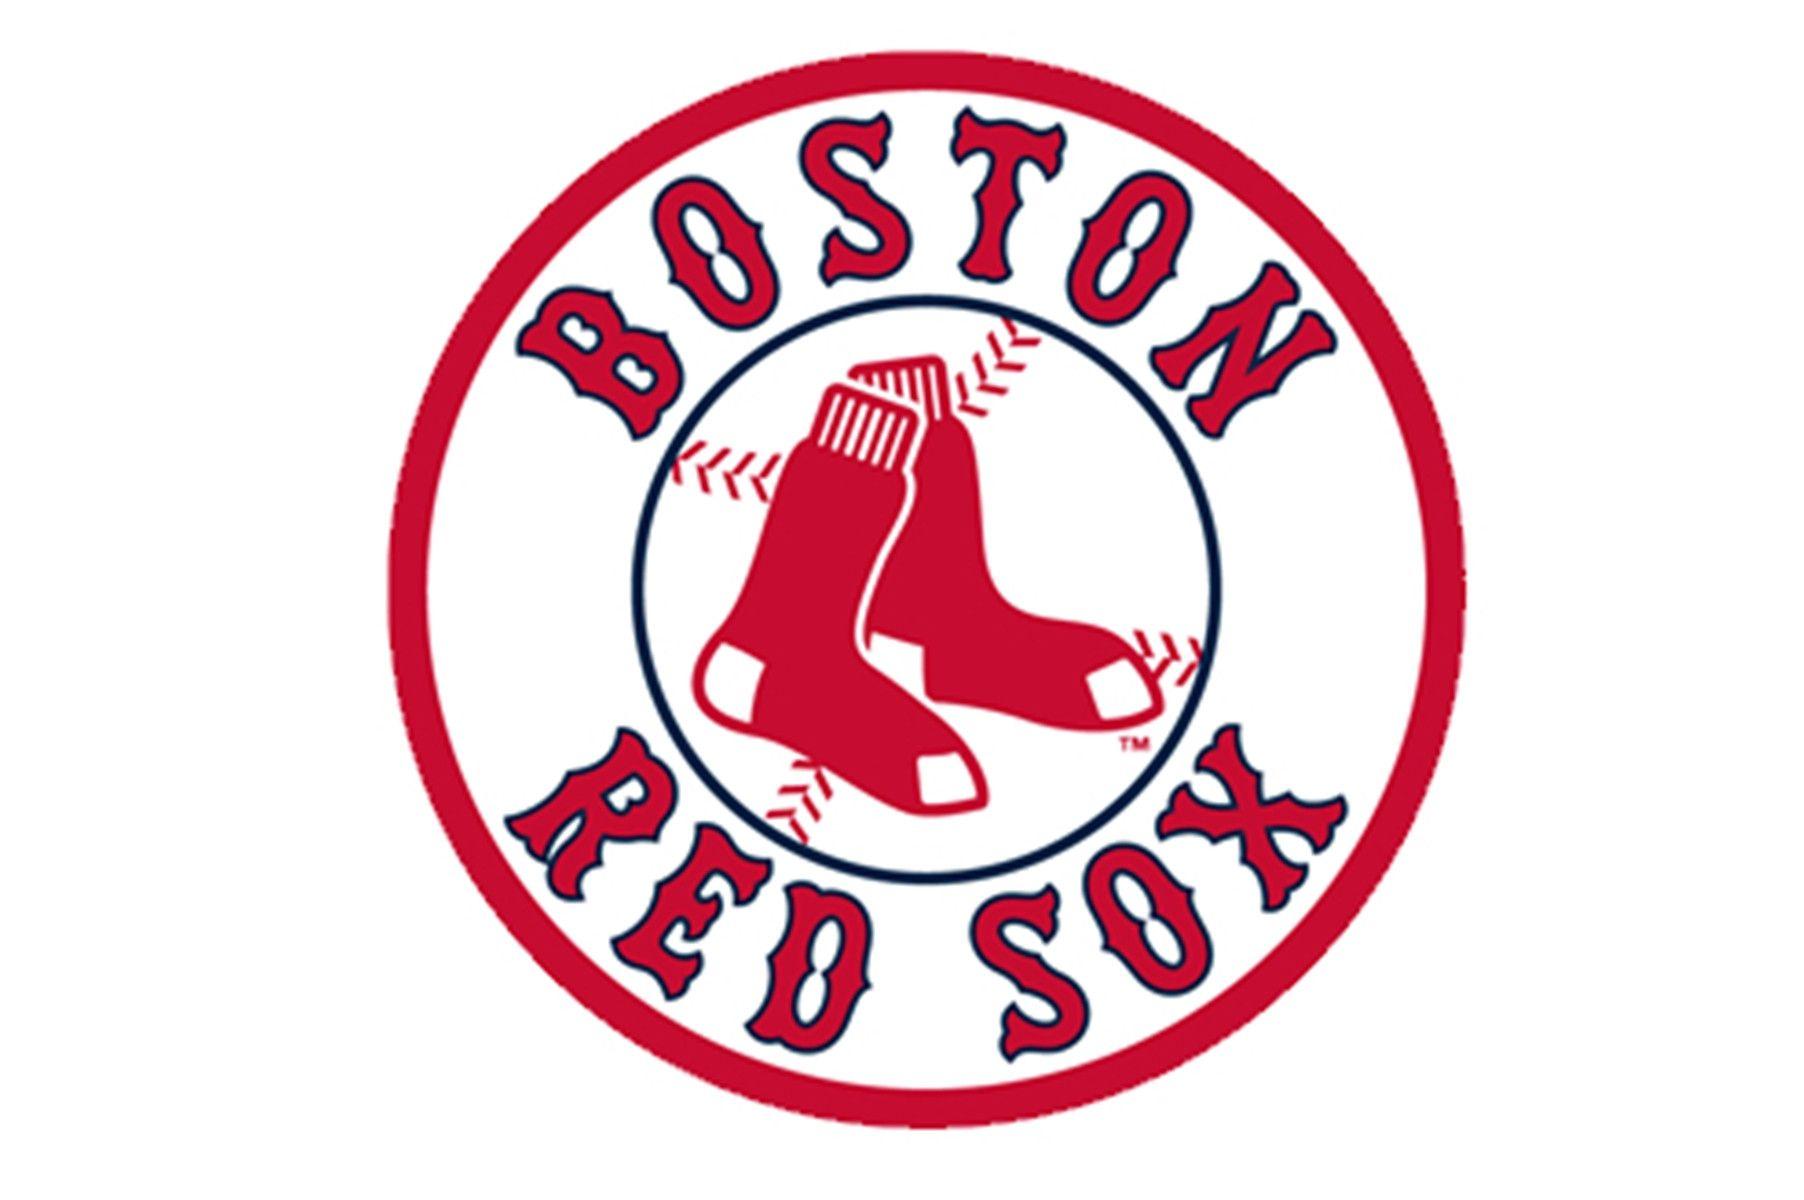 red sox clip art logos rh logolynx com red sox clip art free boston red sox logo clip art